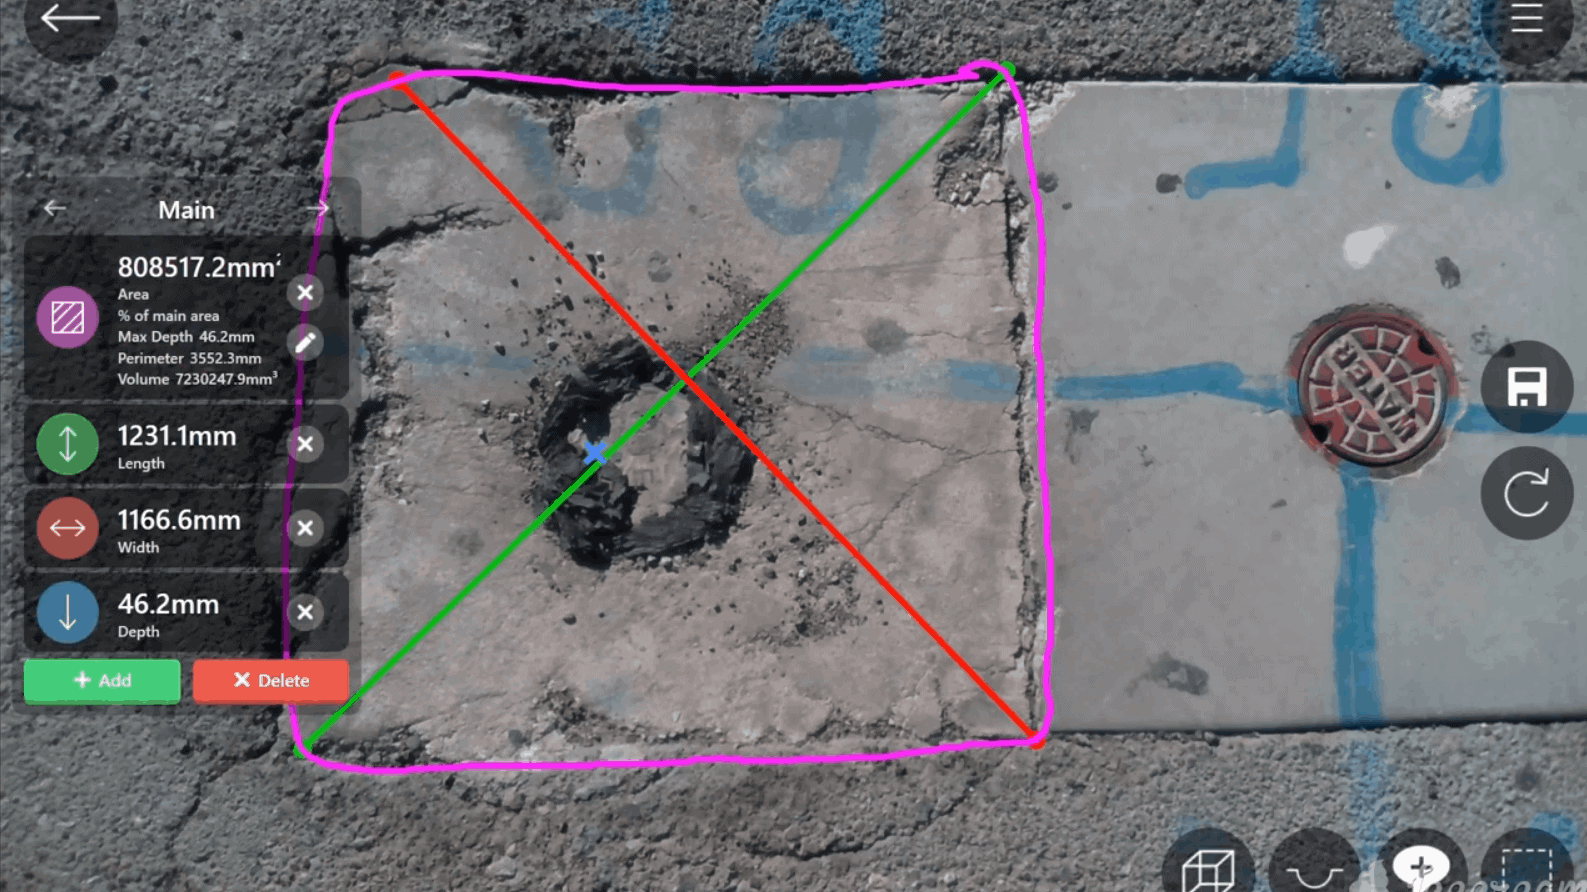 3D Pothole Measurement 5